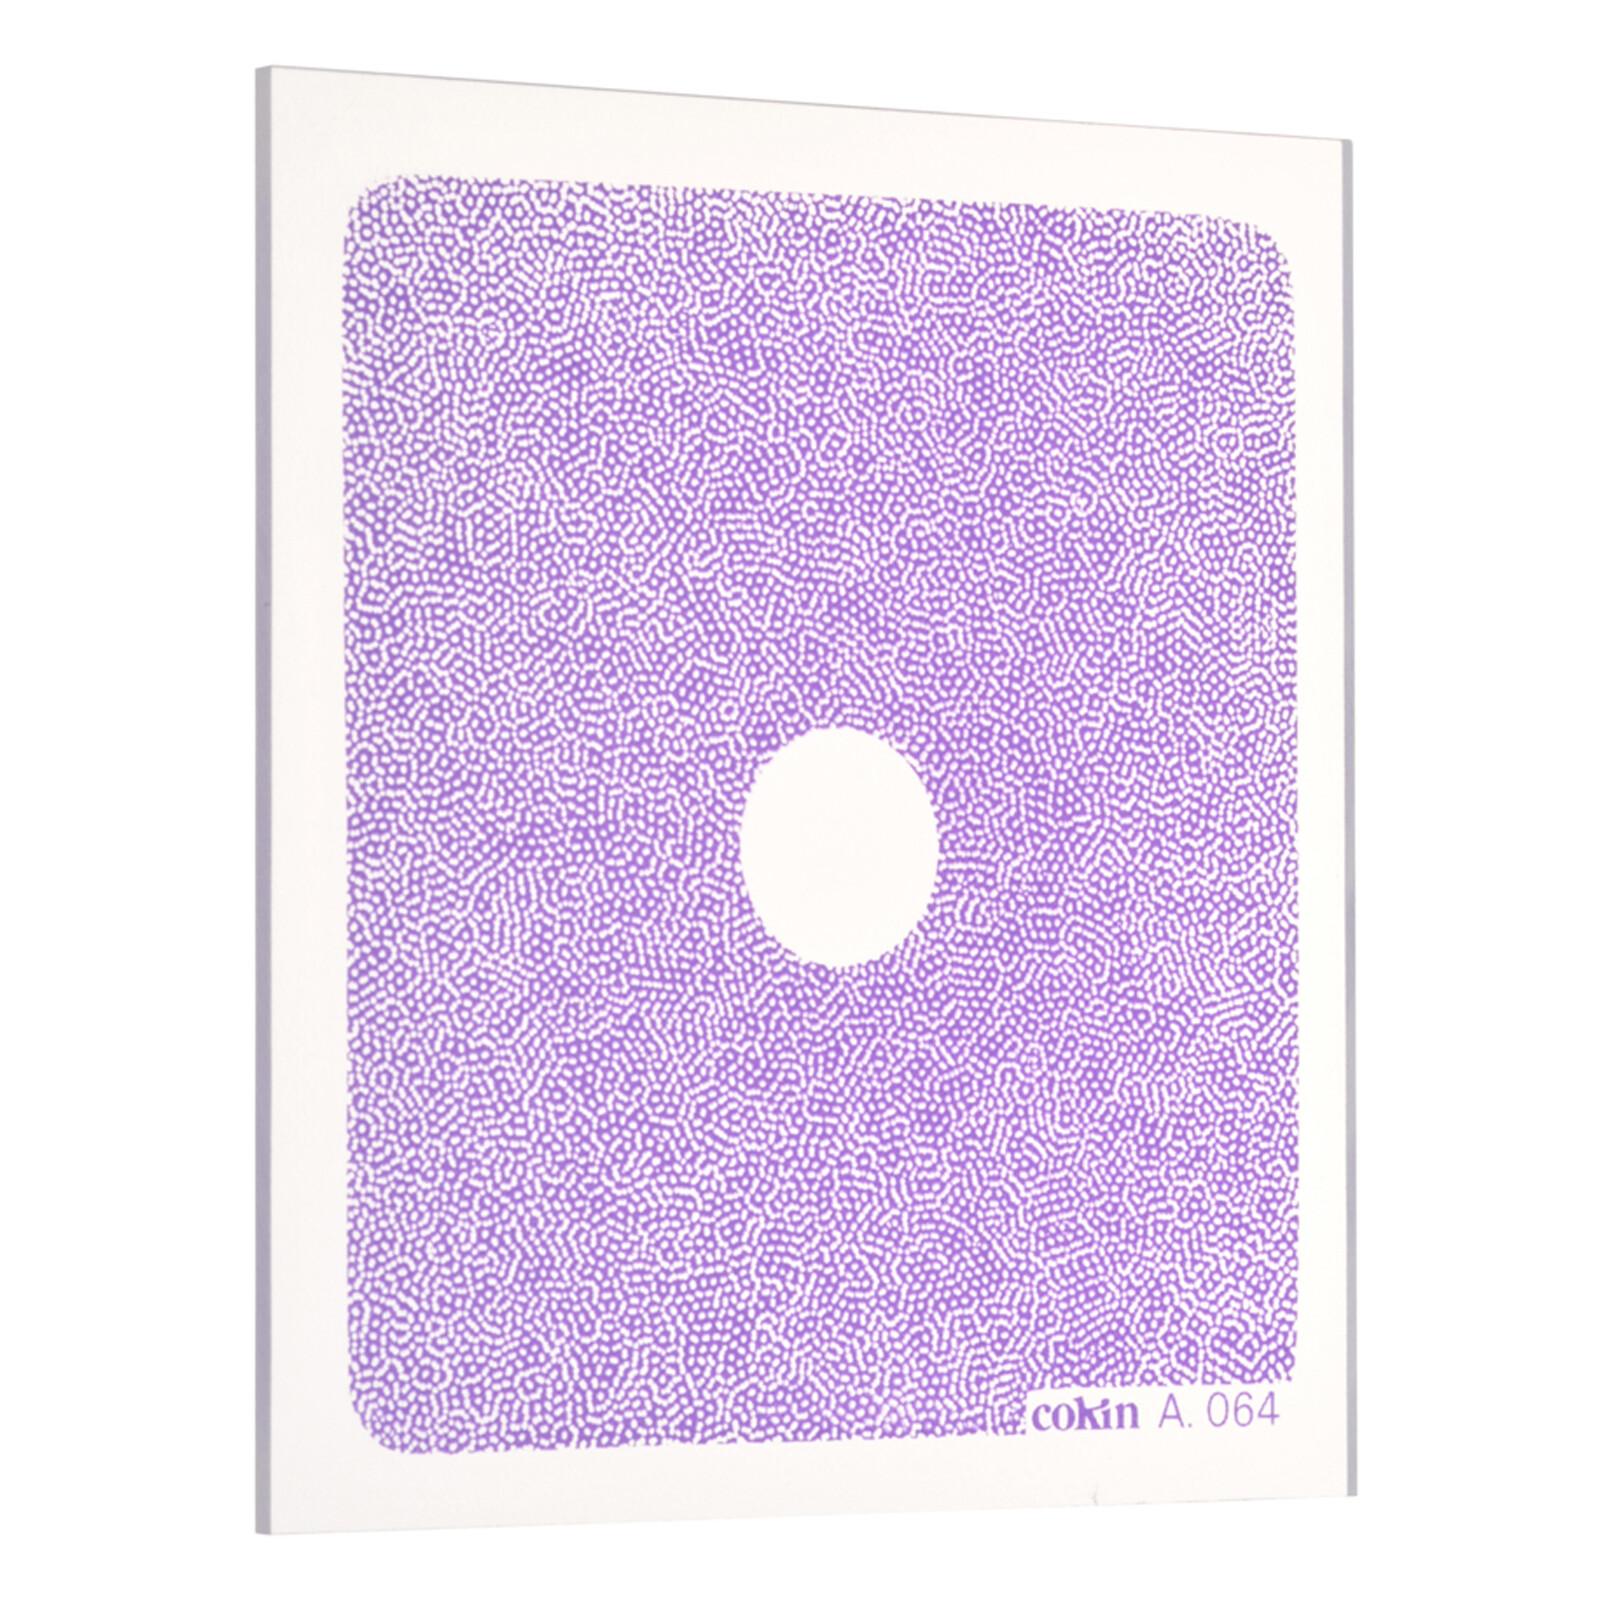 Cokin P064 Center Spot Violett